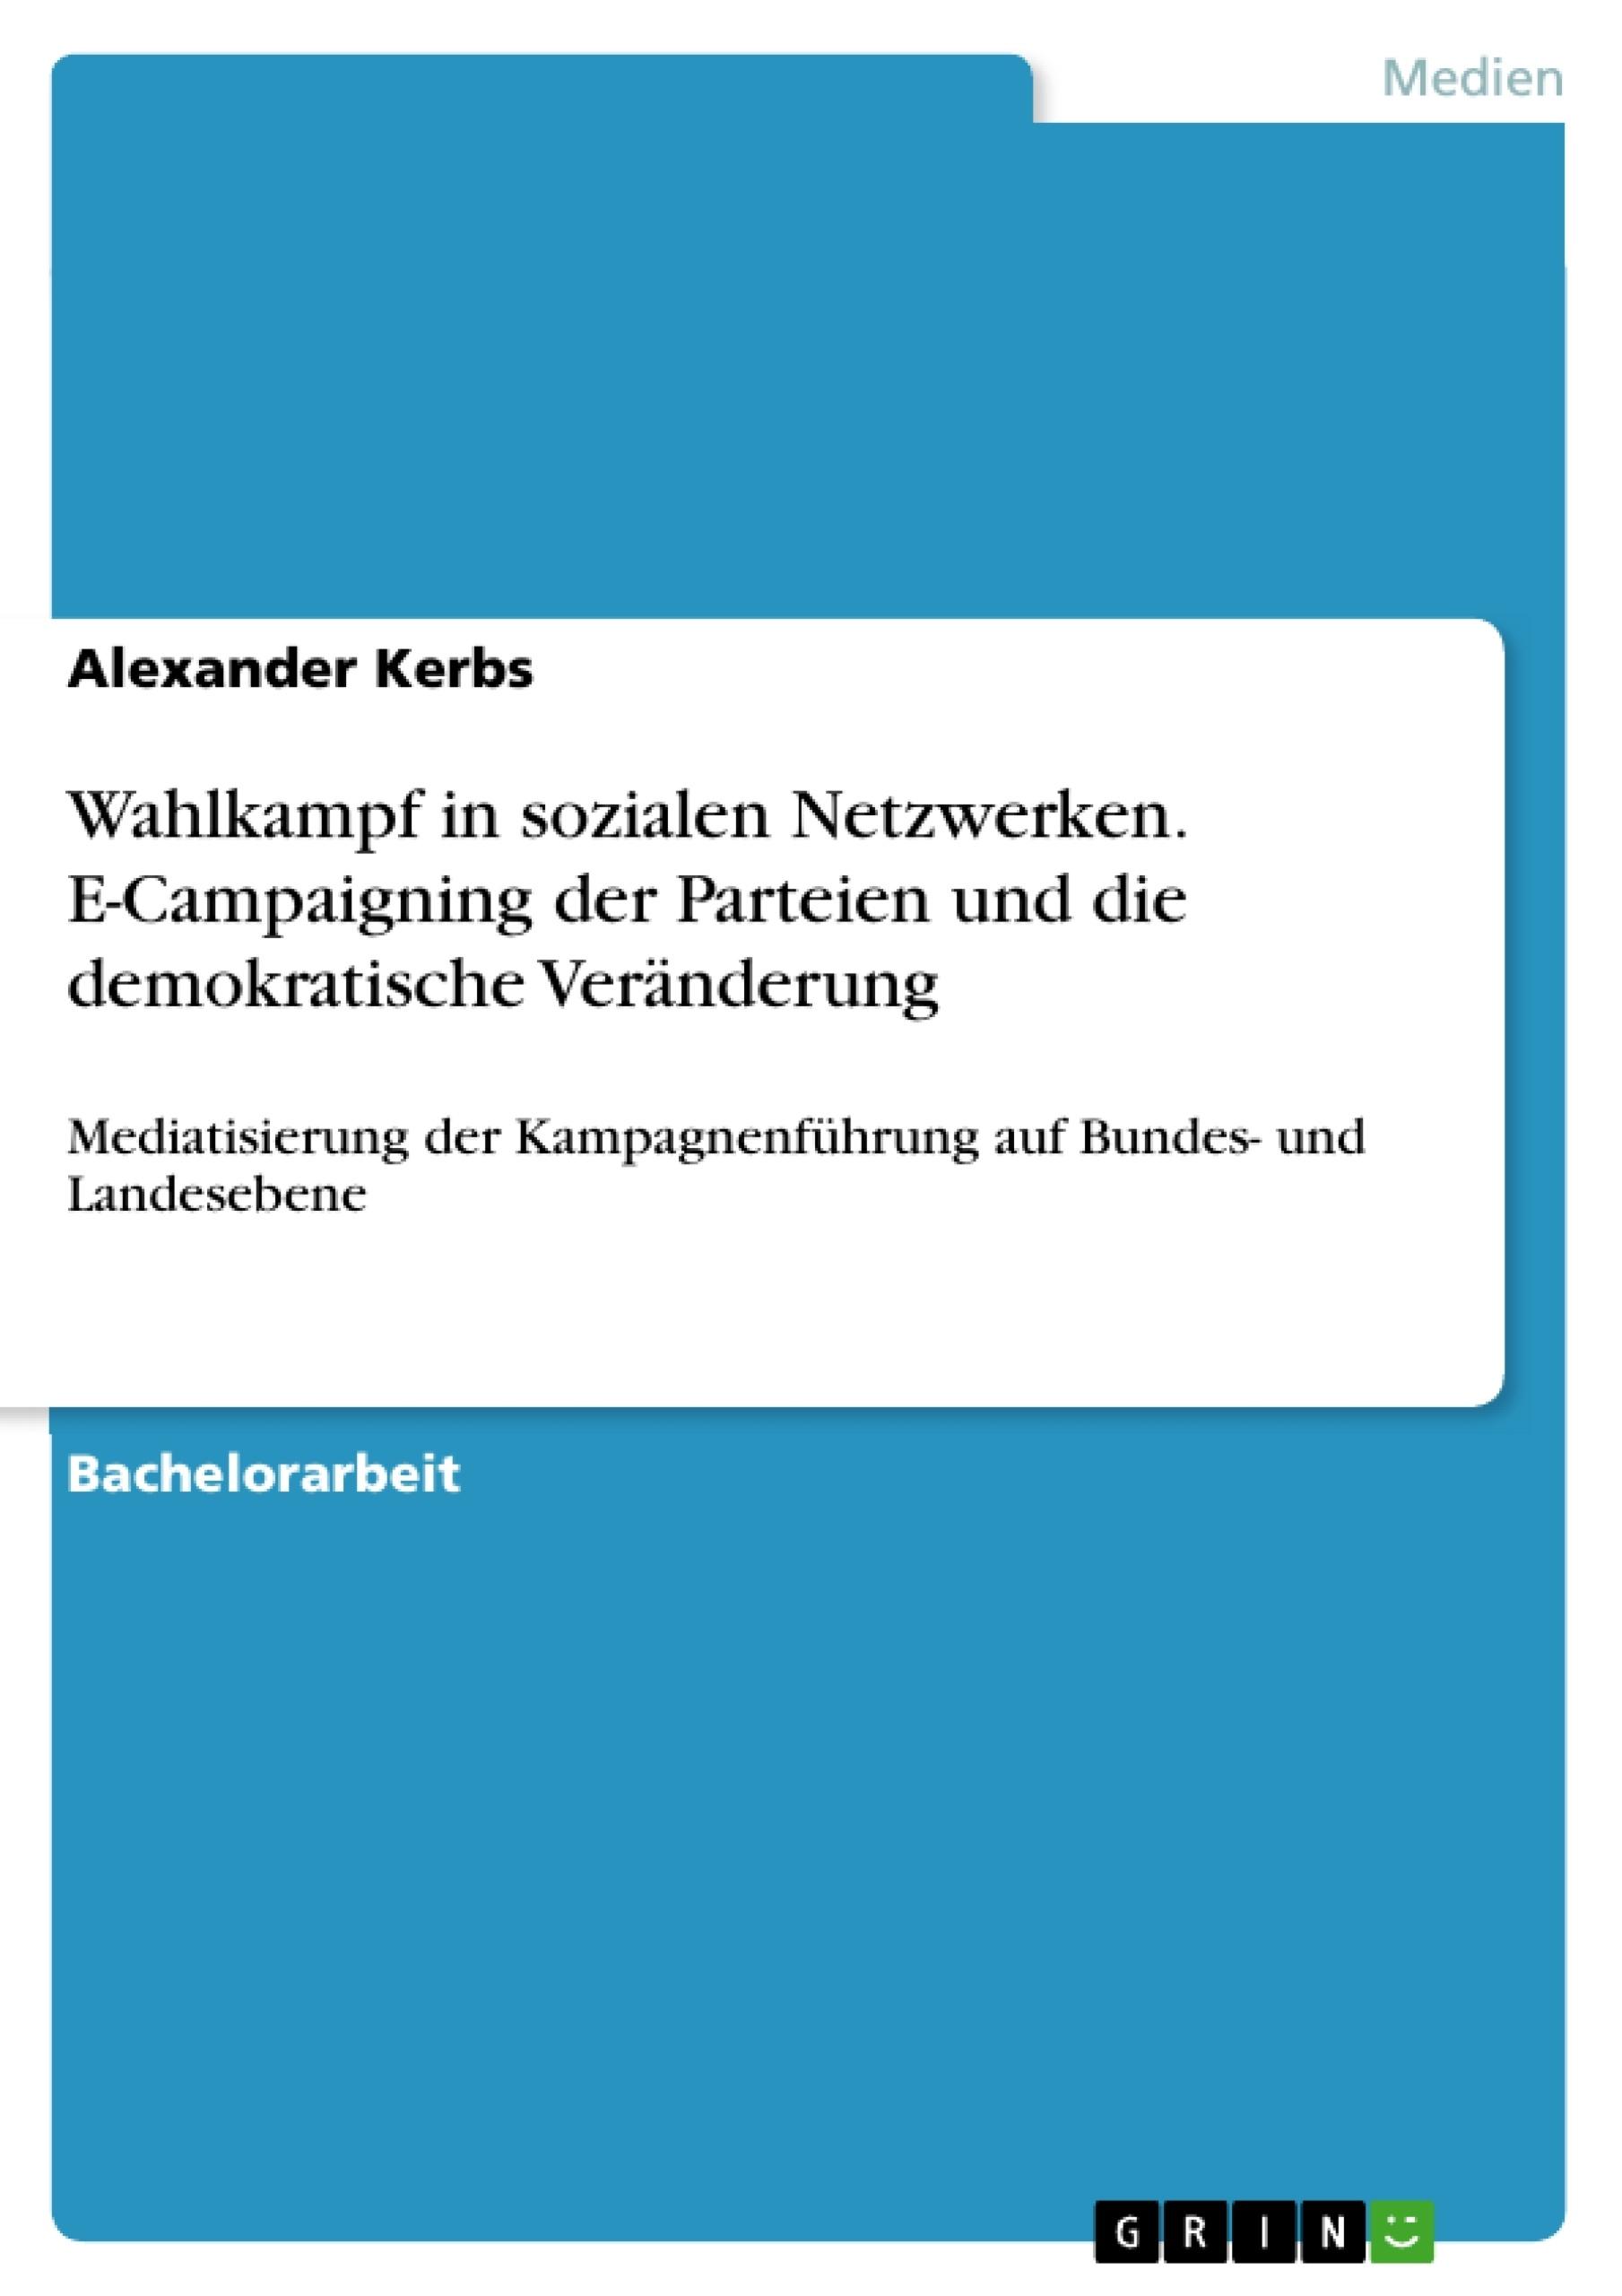 Titel: Wahlkampf in sozialen Netzwerken. E-Campaigning der Parteien und die demokratische Veränderung